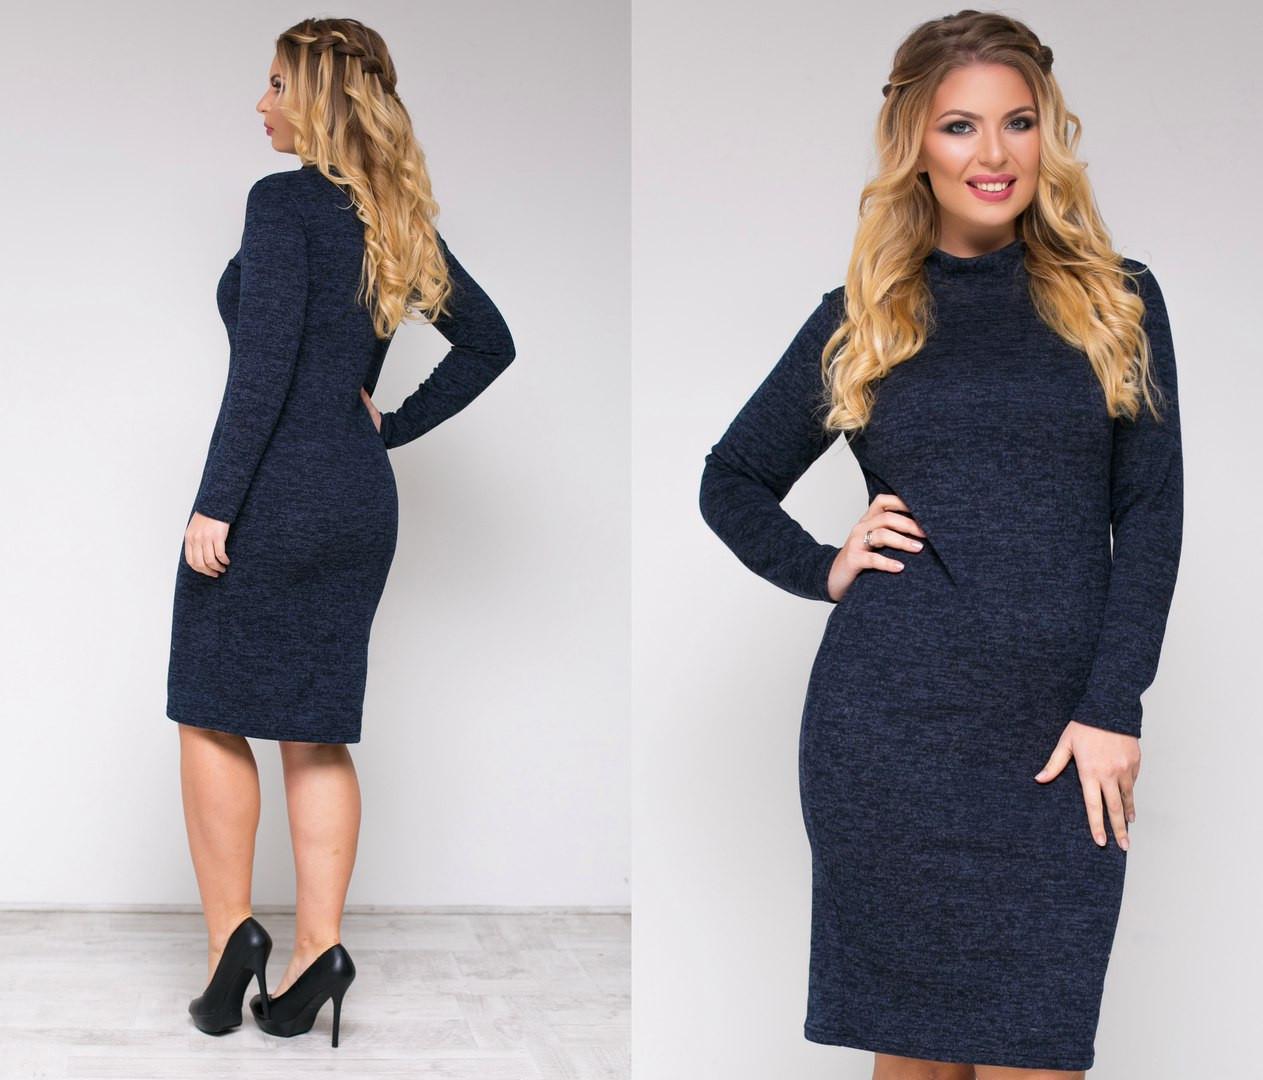 034f9edbf5f Женское тёплое платье в больших размерах 1085